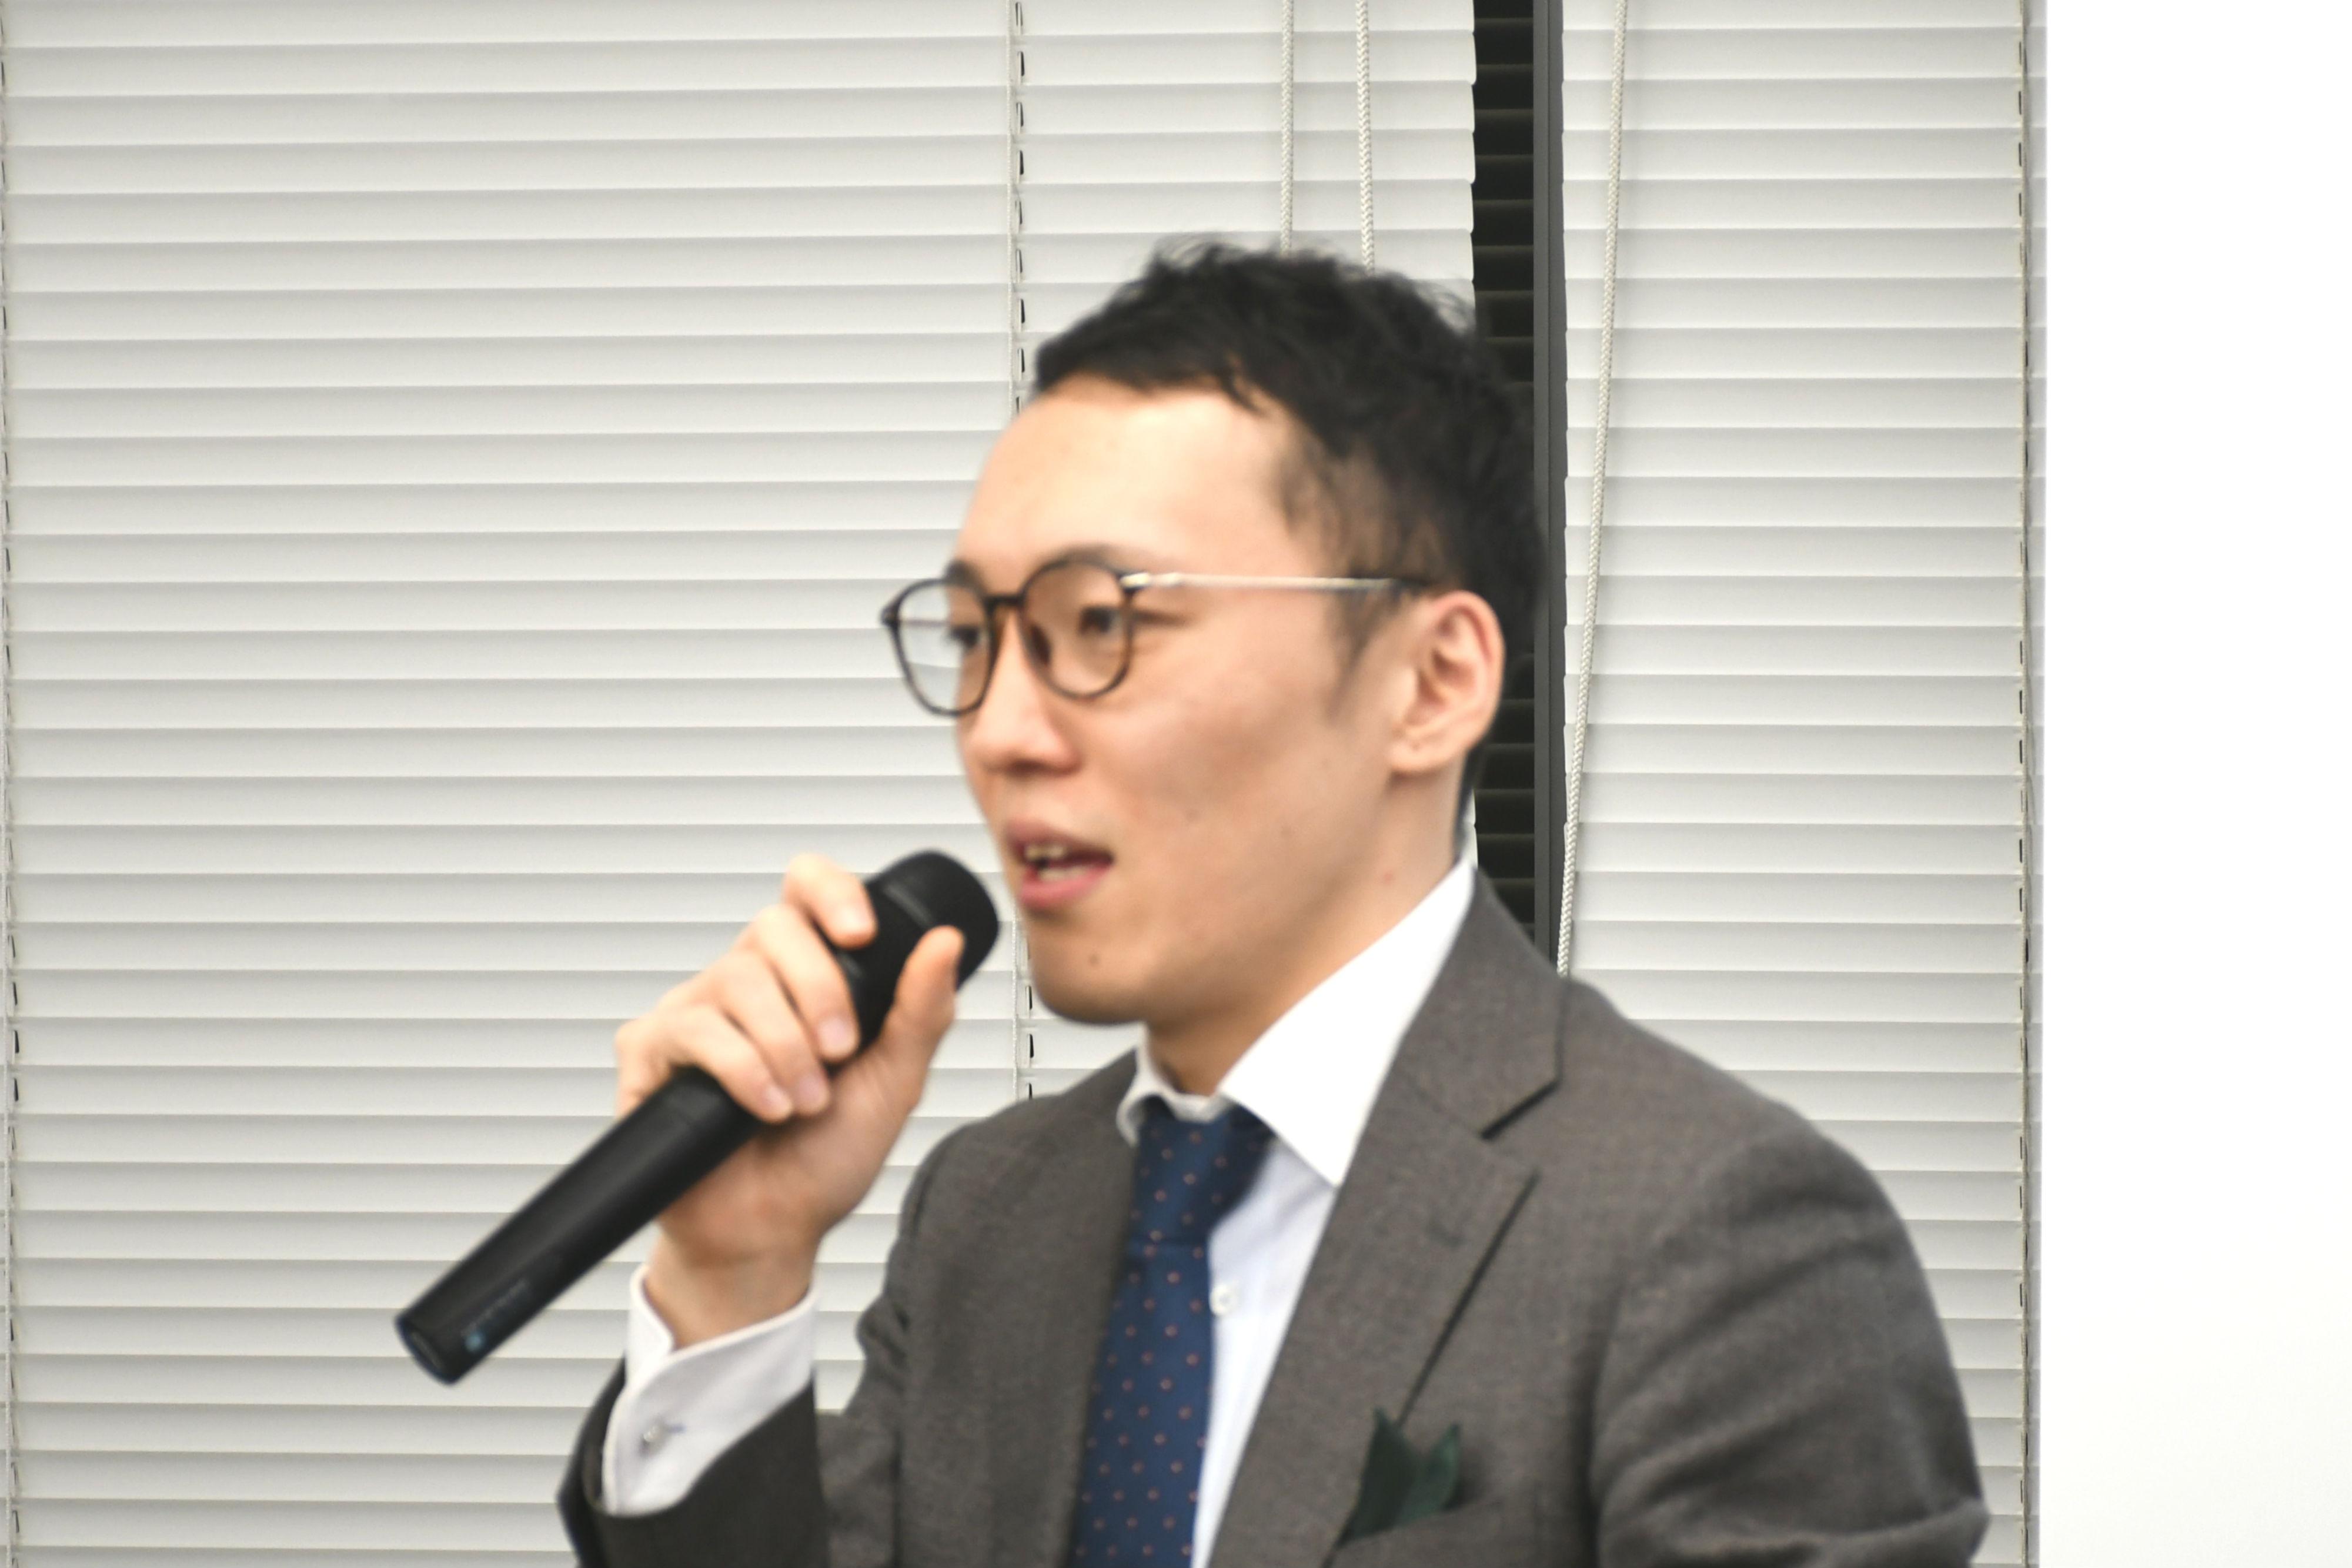 株式会社セールスフォース・ドットコム 広瀬佑貴(ひろせゆうき)氏